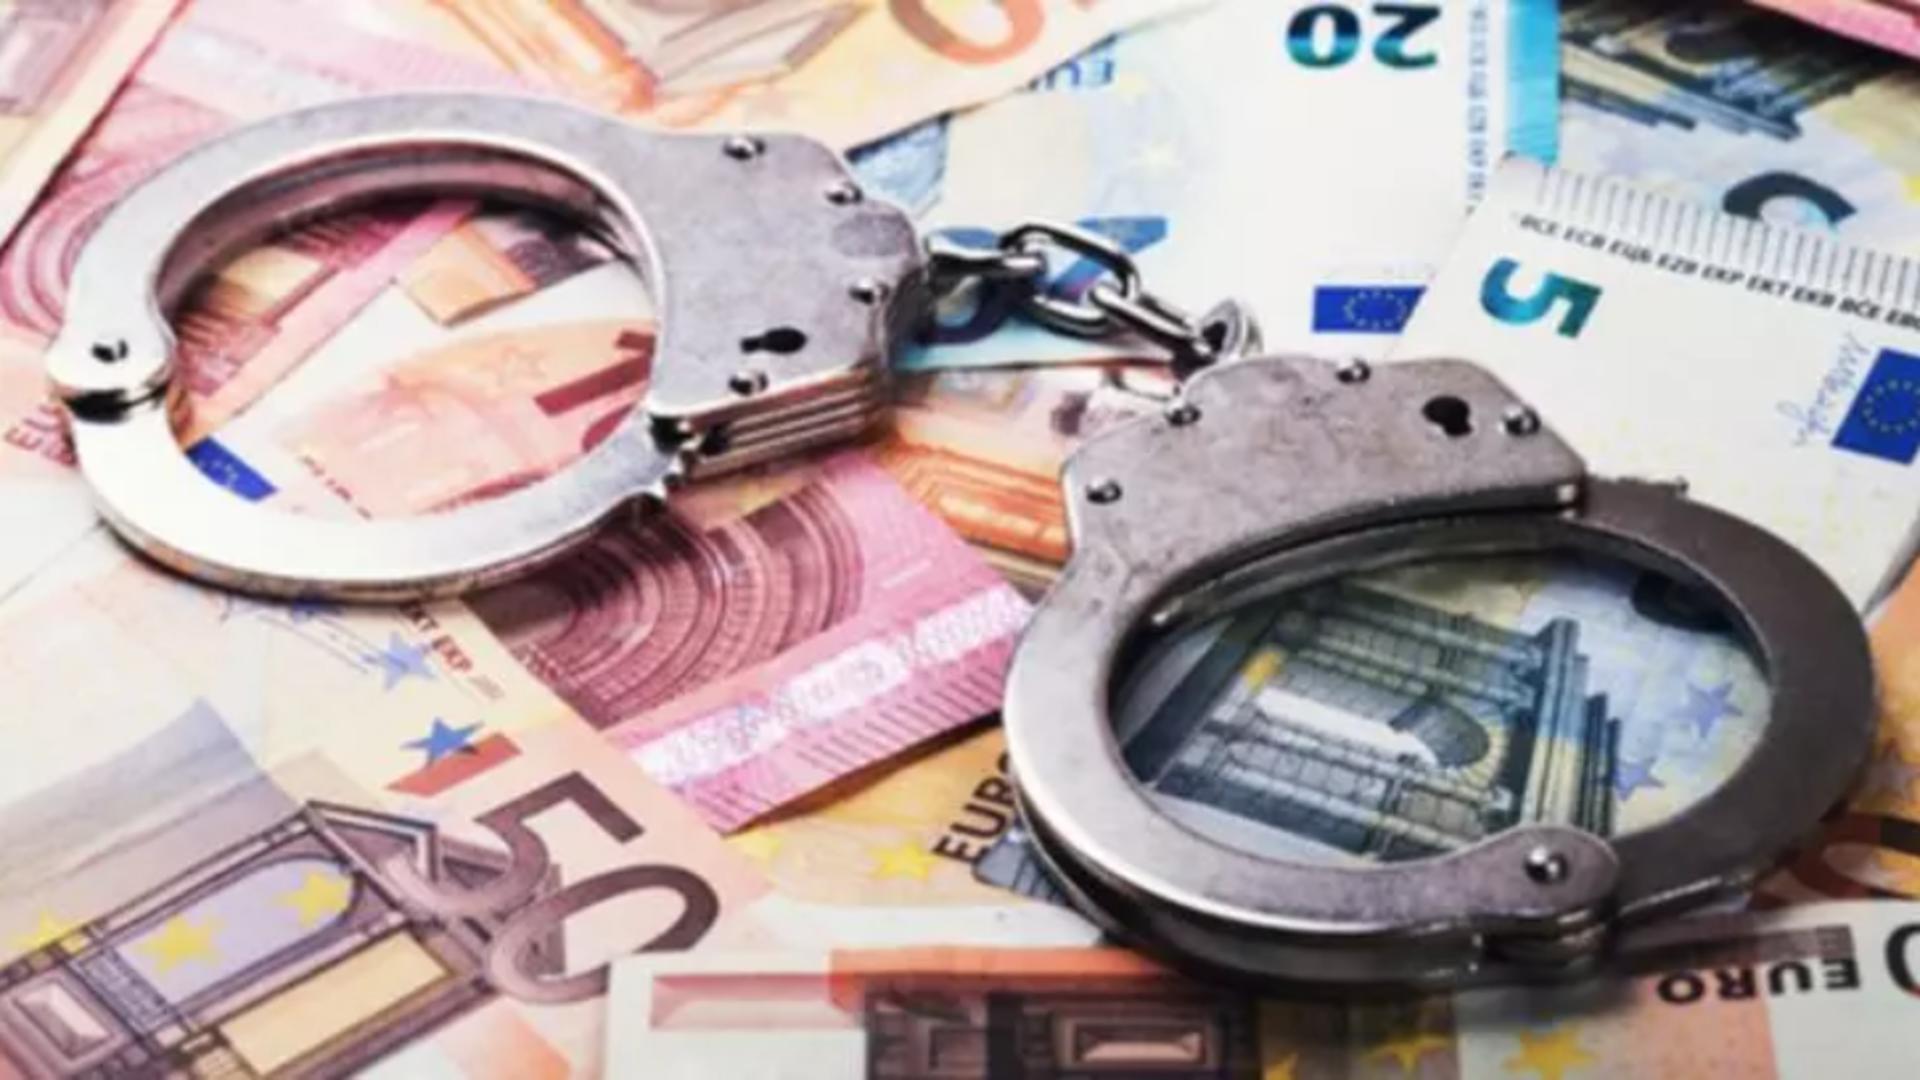 Polițiști rutieri arestați pentru luare de mită